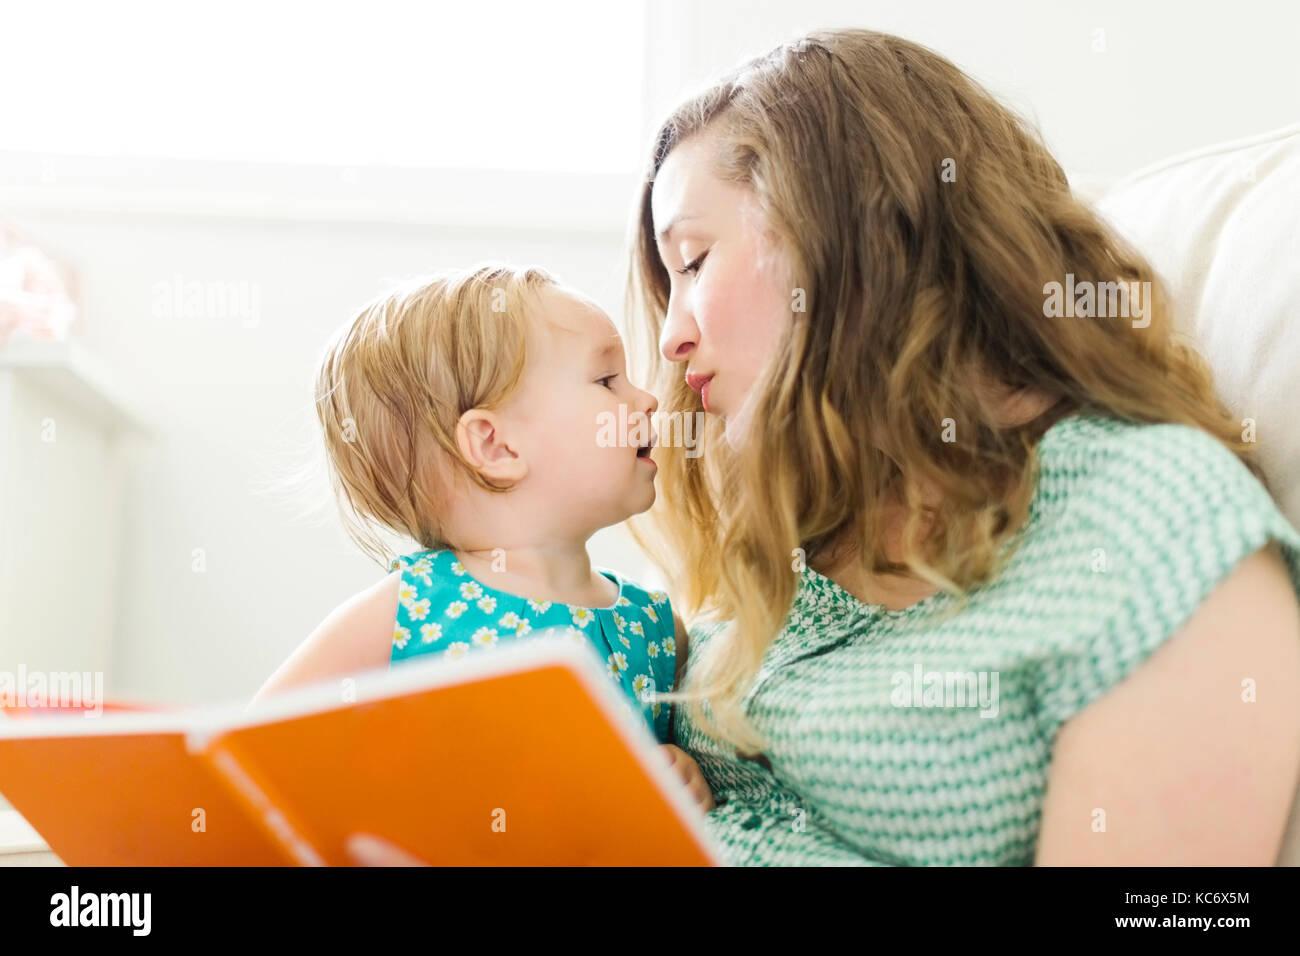 Madre con niña (12-17 meses) sentado en el salón y el libro de lectura Imagen De Stock